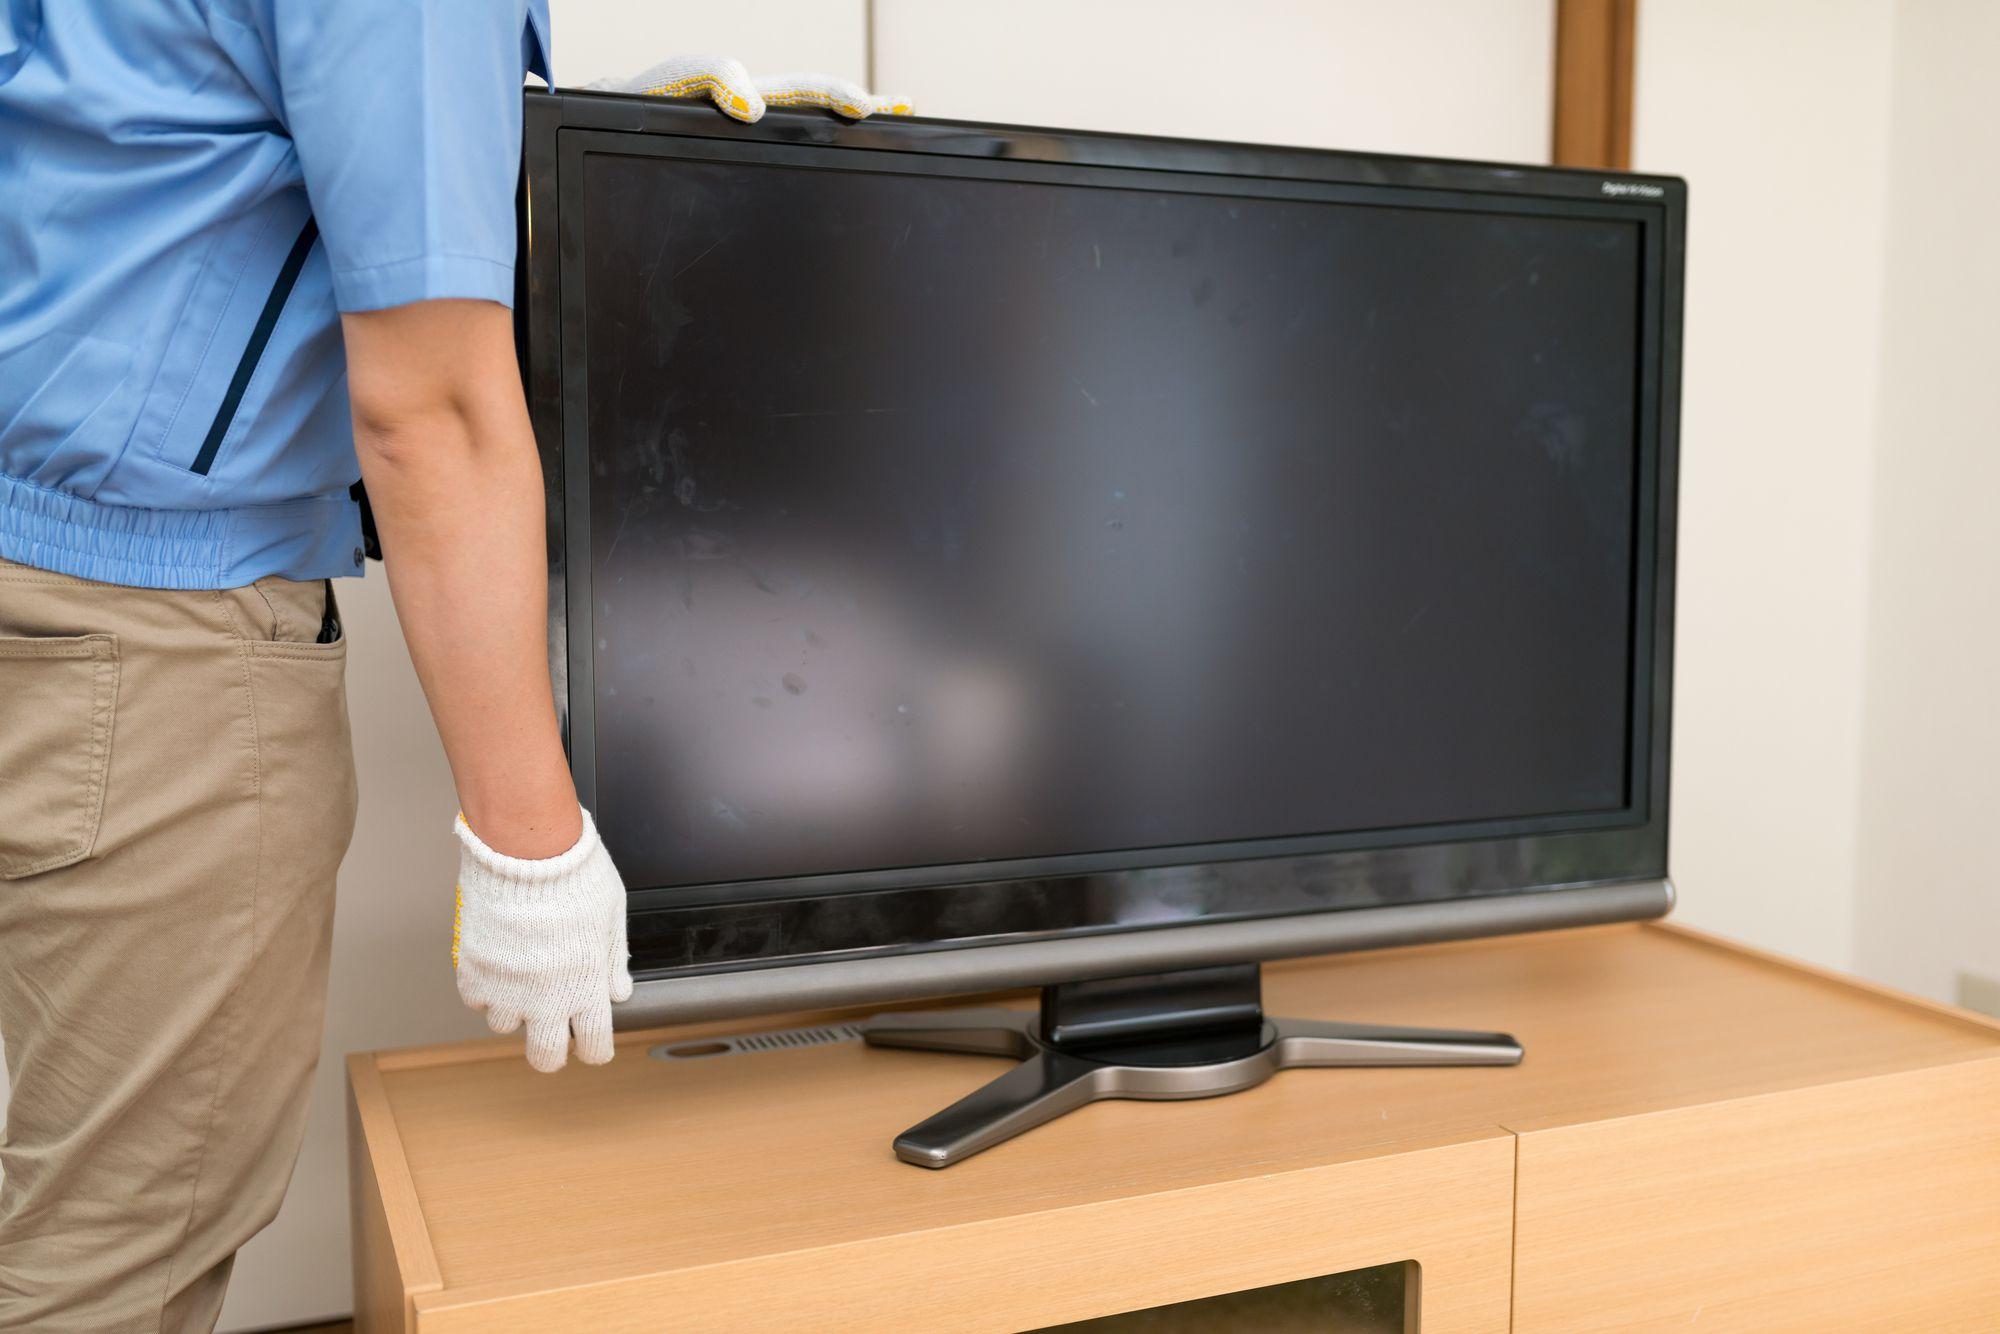 1.【テレビの廃棄回収】リサイクルされるまでの流れ_23960371_M_compressed